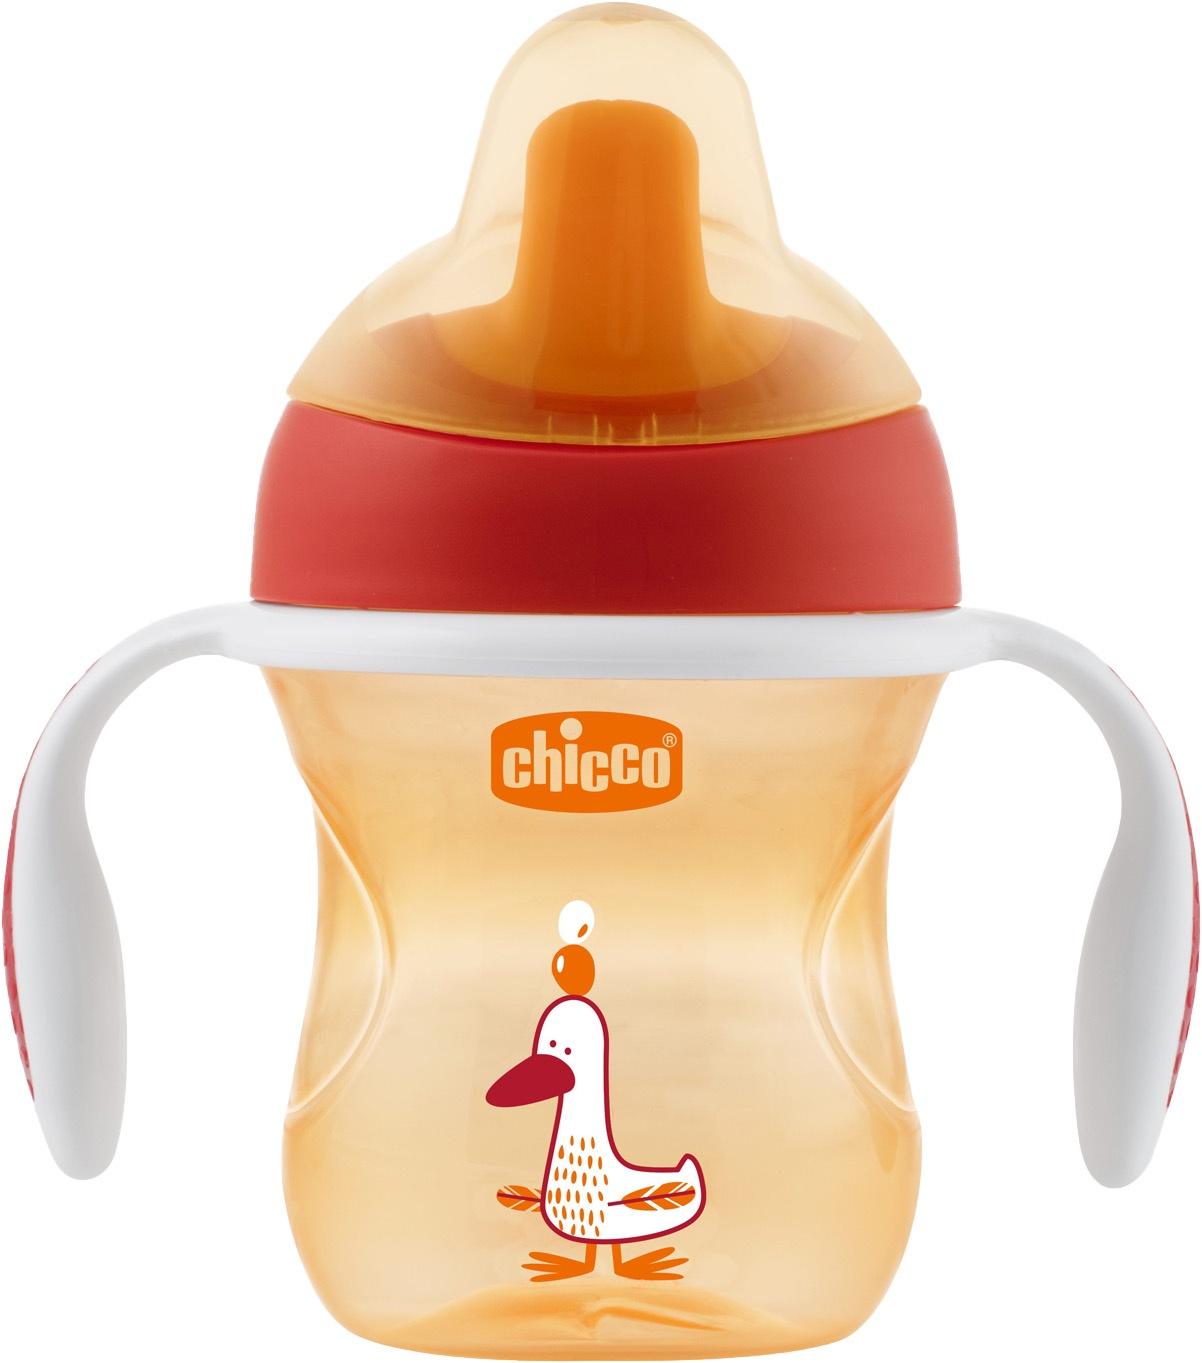 Поильник Chicco Training Cup (полужесткий носик) красный авент носик для чашек поильников с клапаном 6мес 2шт scf252 00